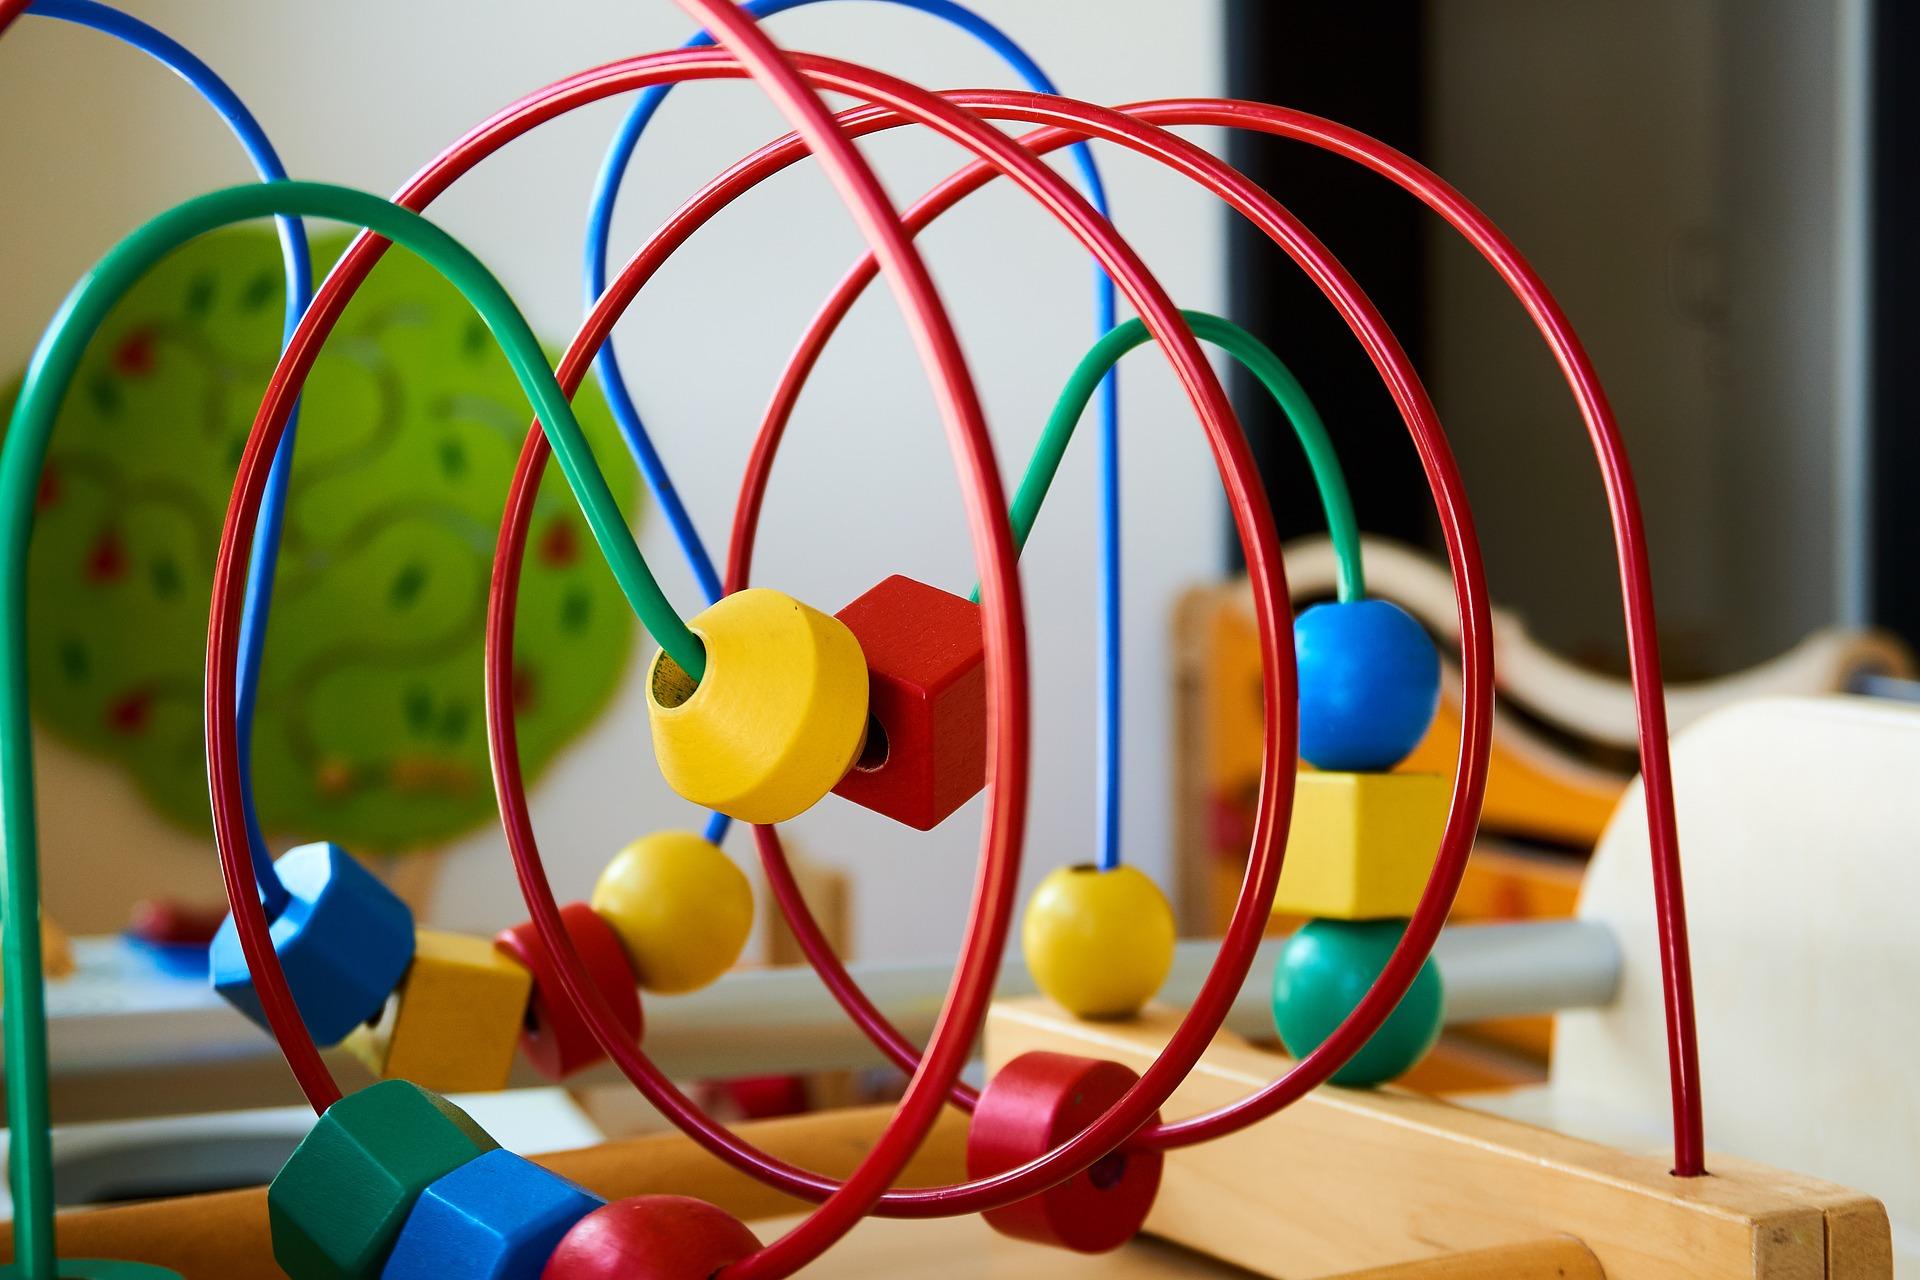 Juguetes de madera para bebés